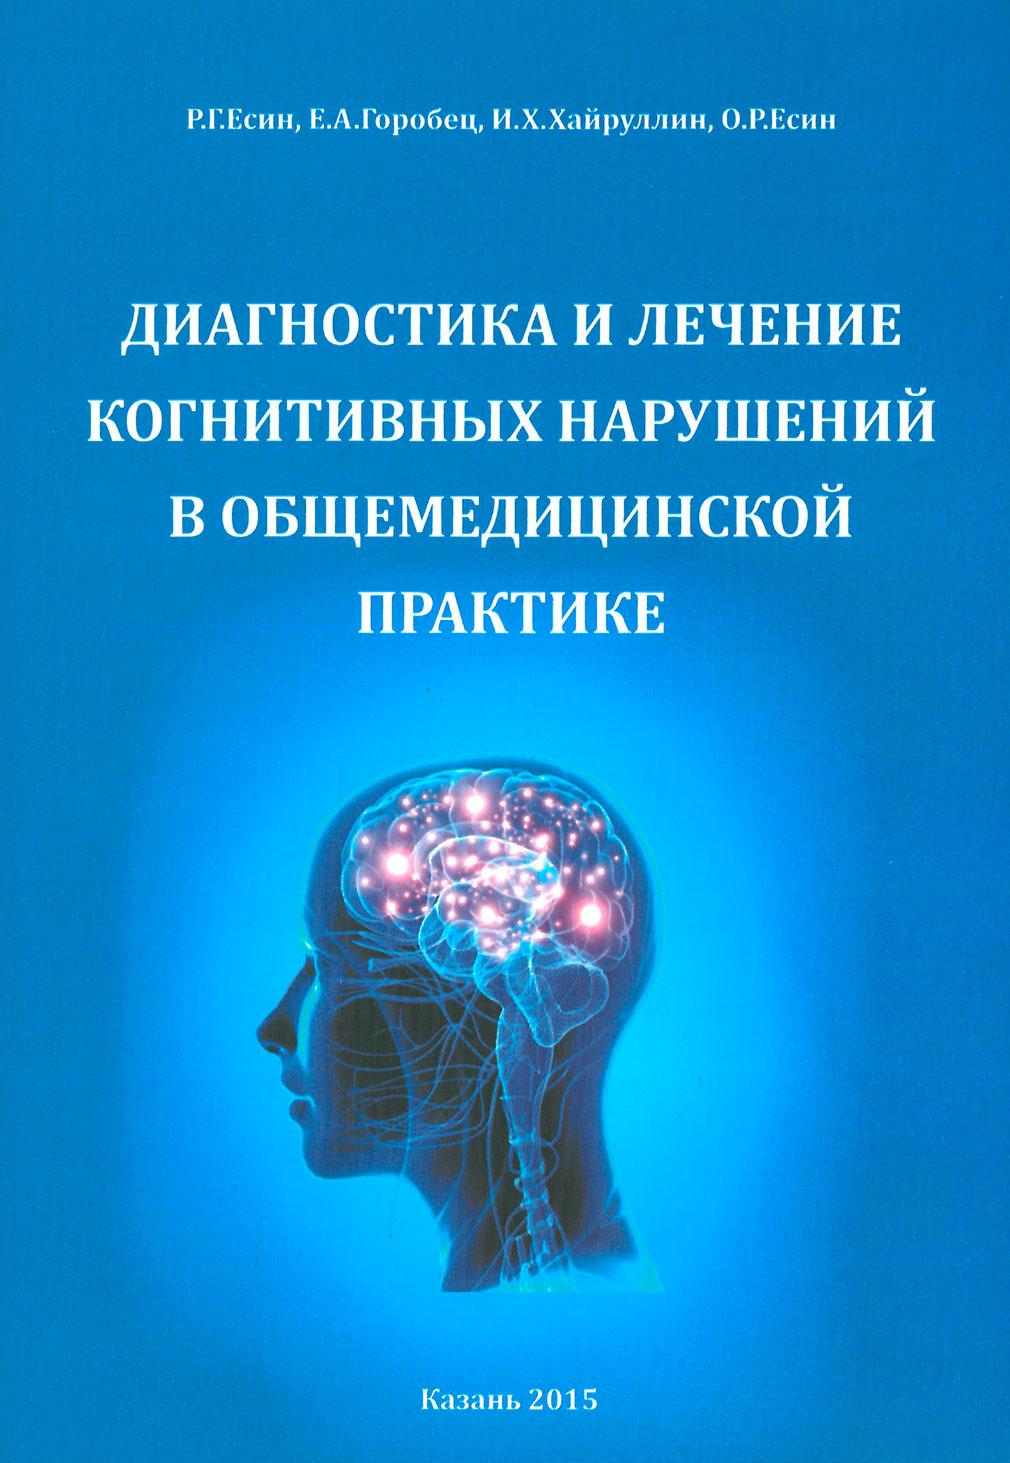 Диагностика и лечение когнитивных нарушений в общемедицинской практике. Монография